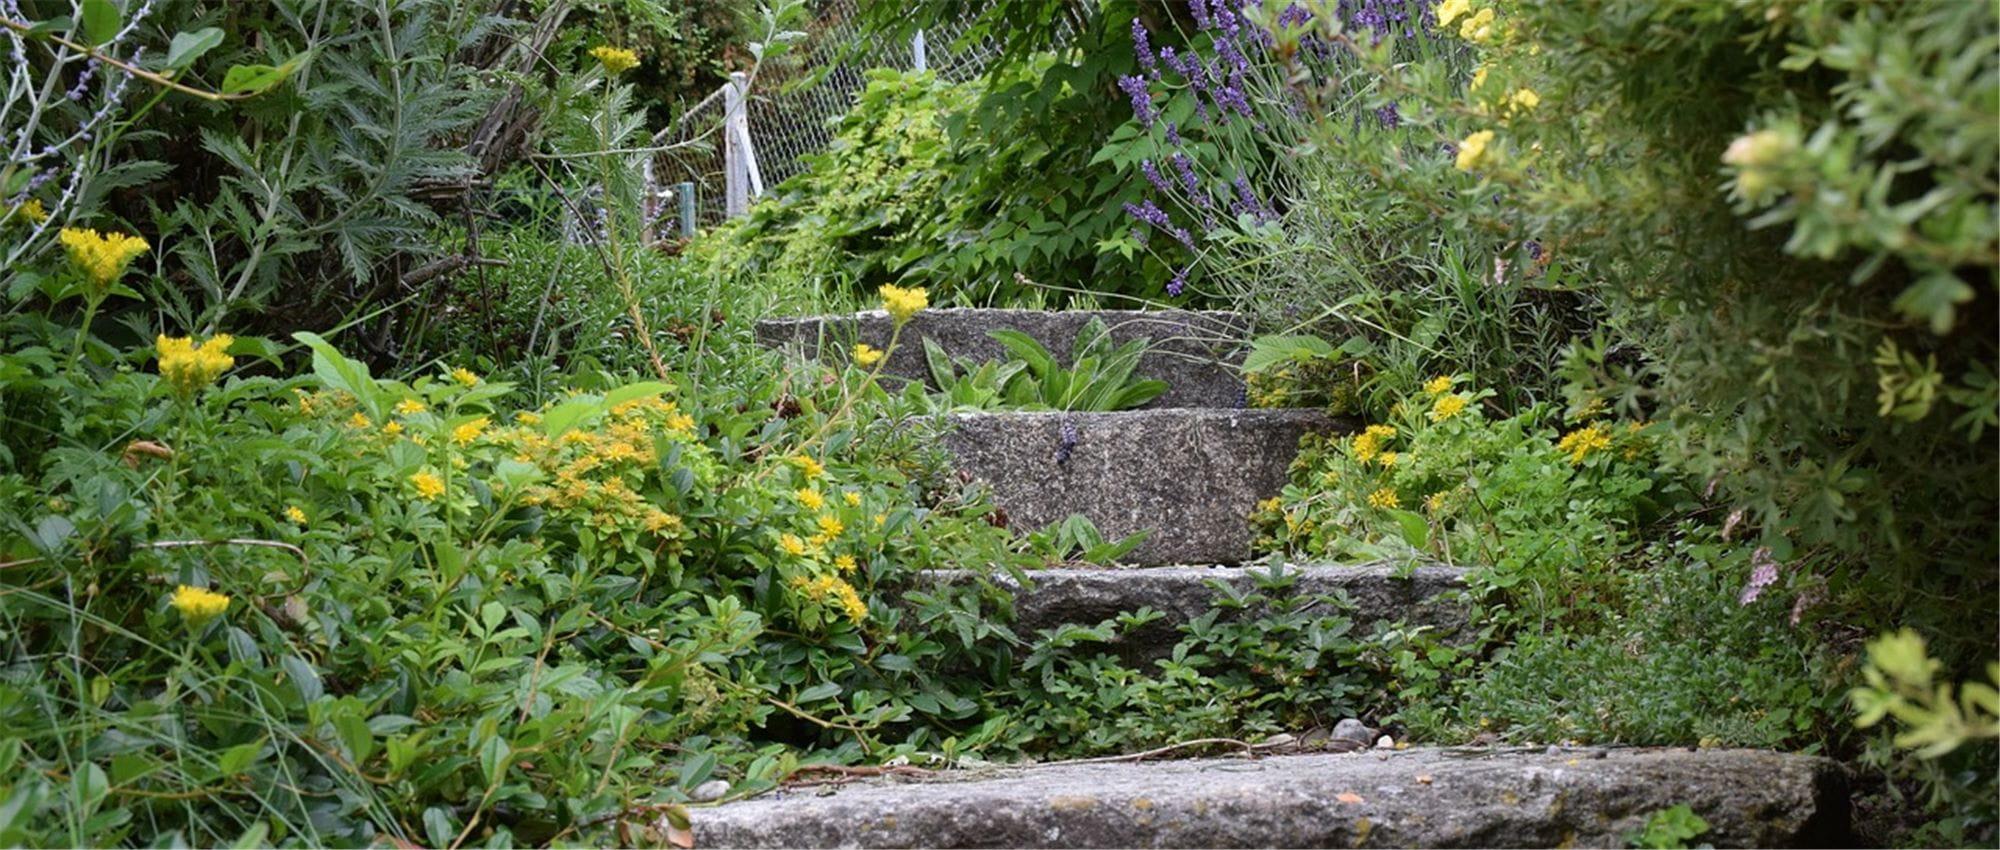 Comment Aménager Son Jardin En Pente comment aménager un jardin en pente ? - gardena